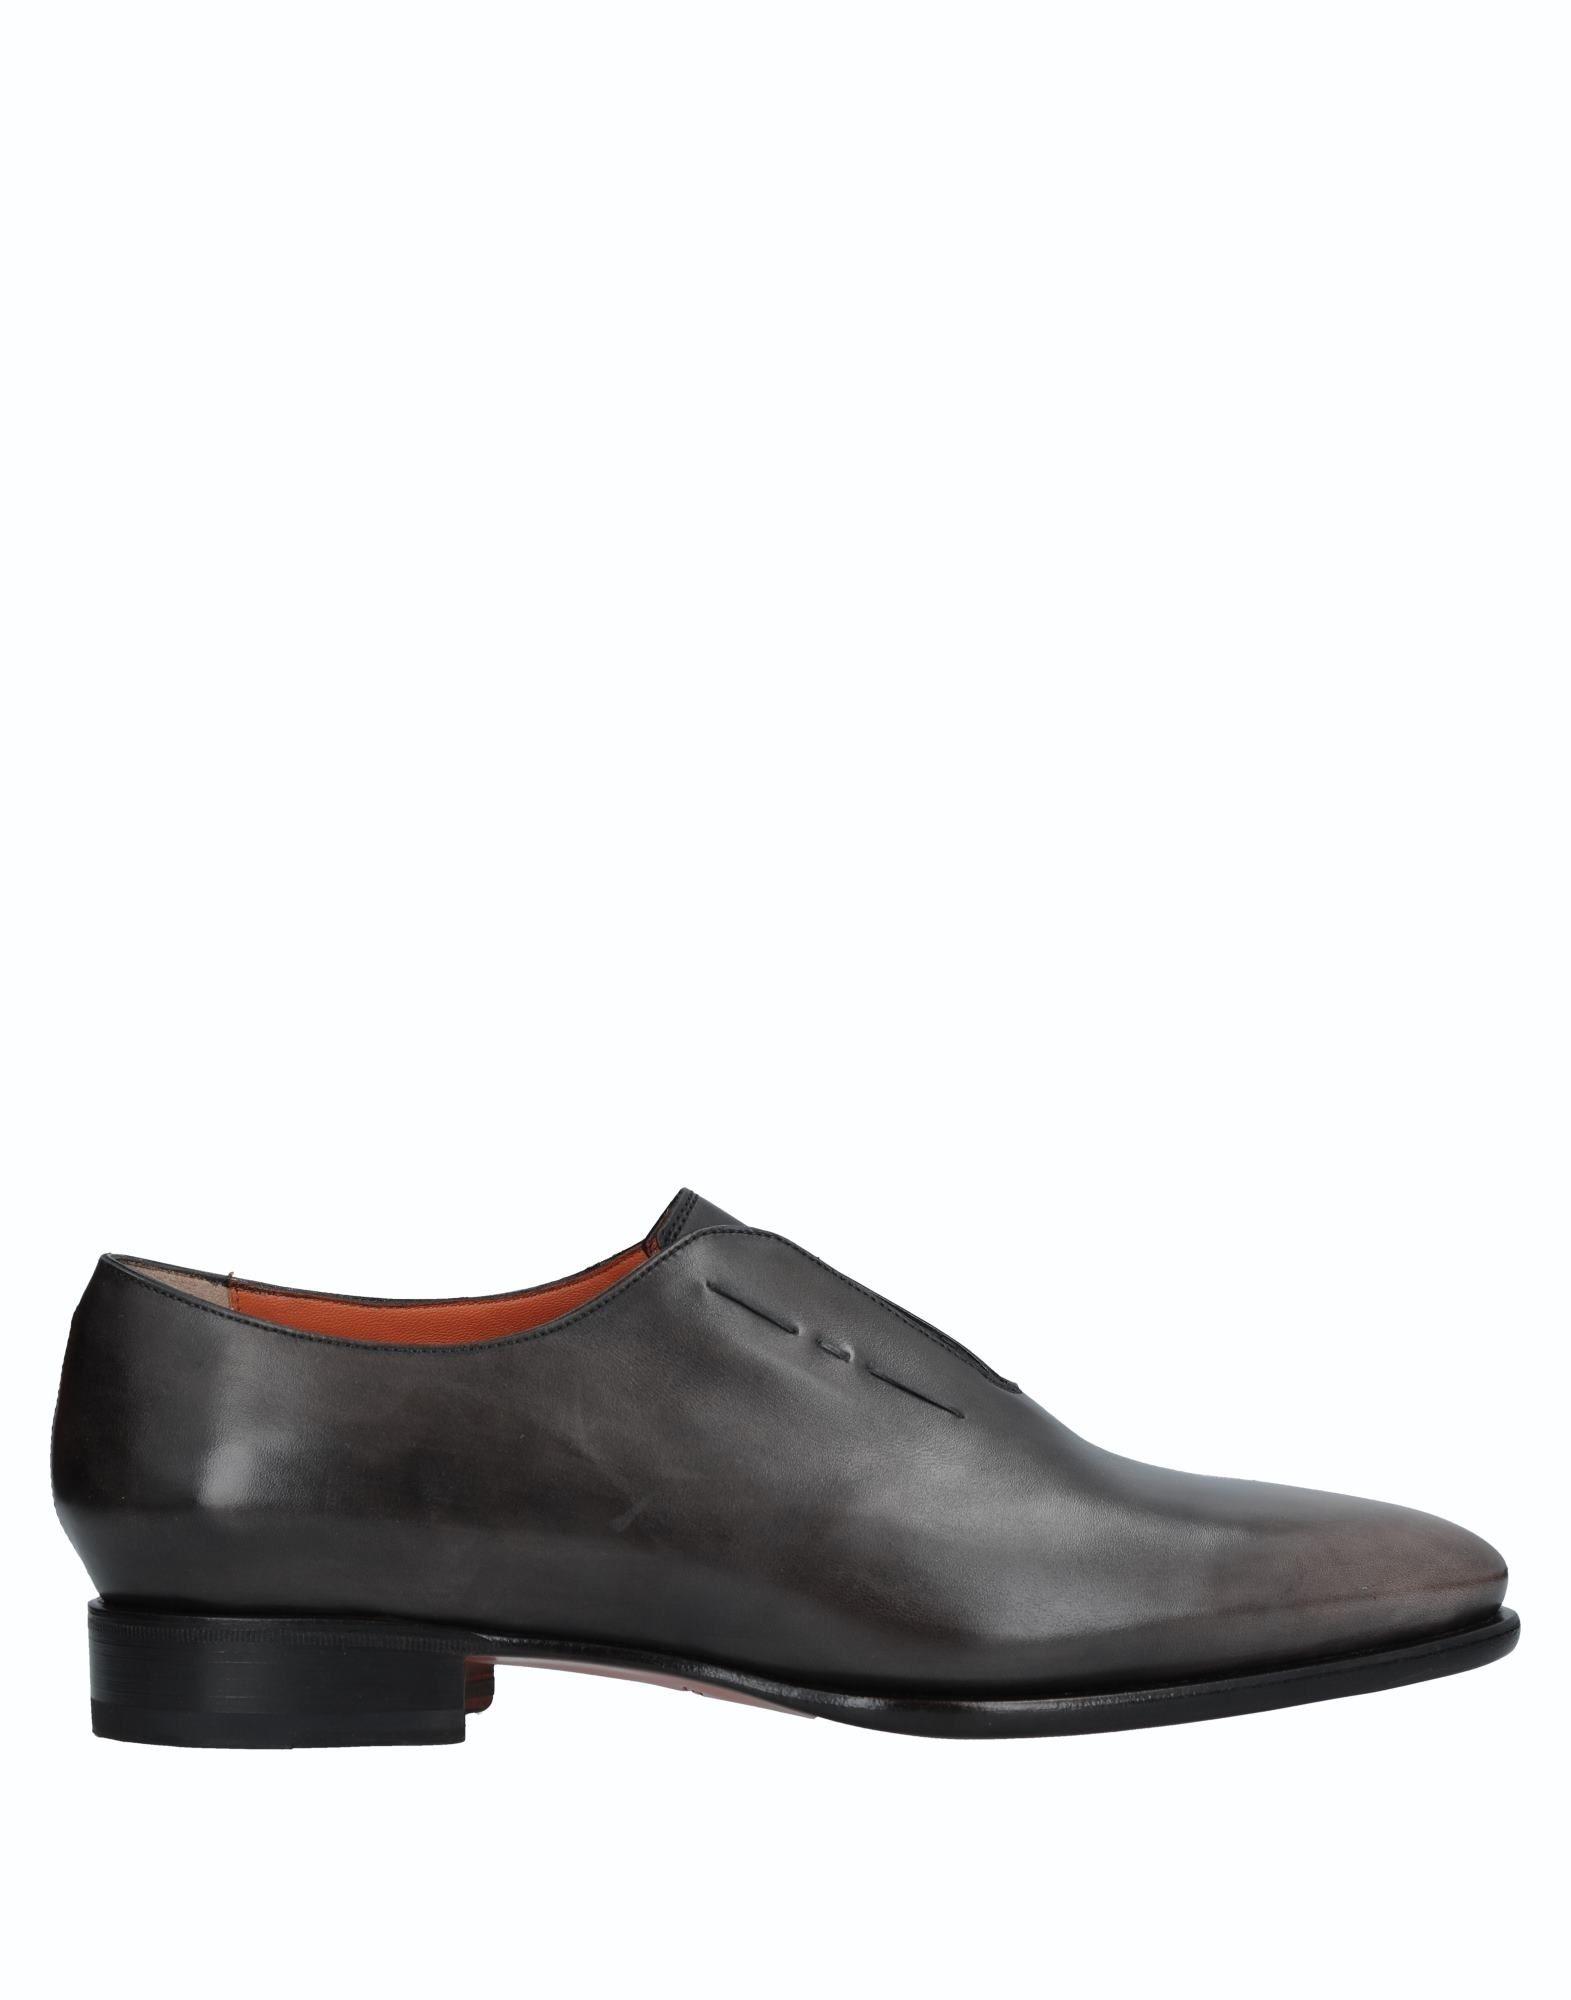 Santoni Mokassins Herren  11519500FL Gute Qualität beliebte Schuhe